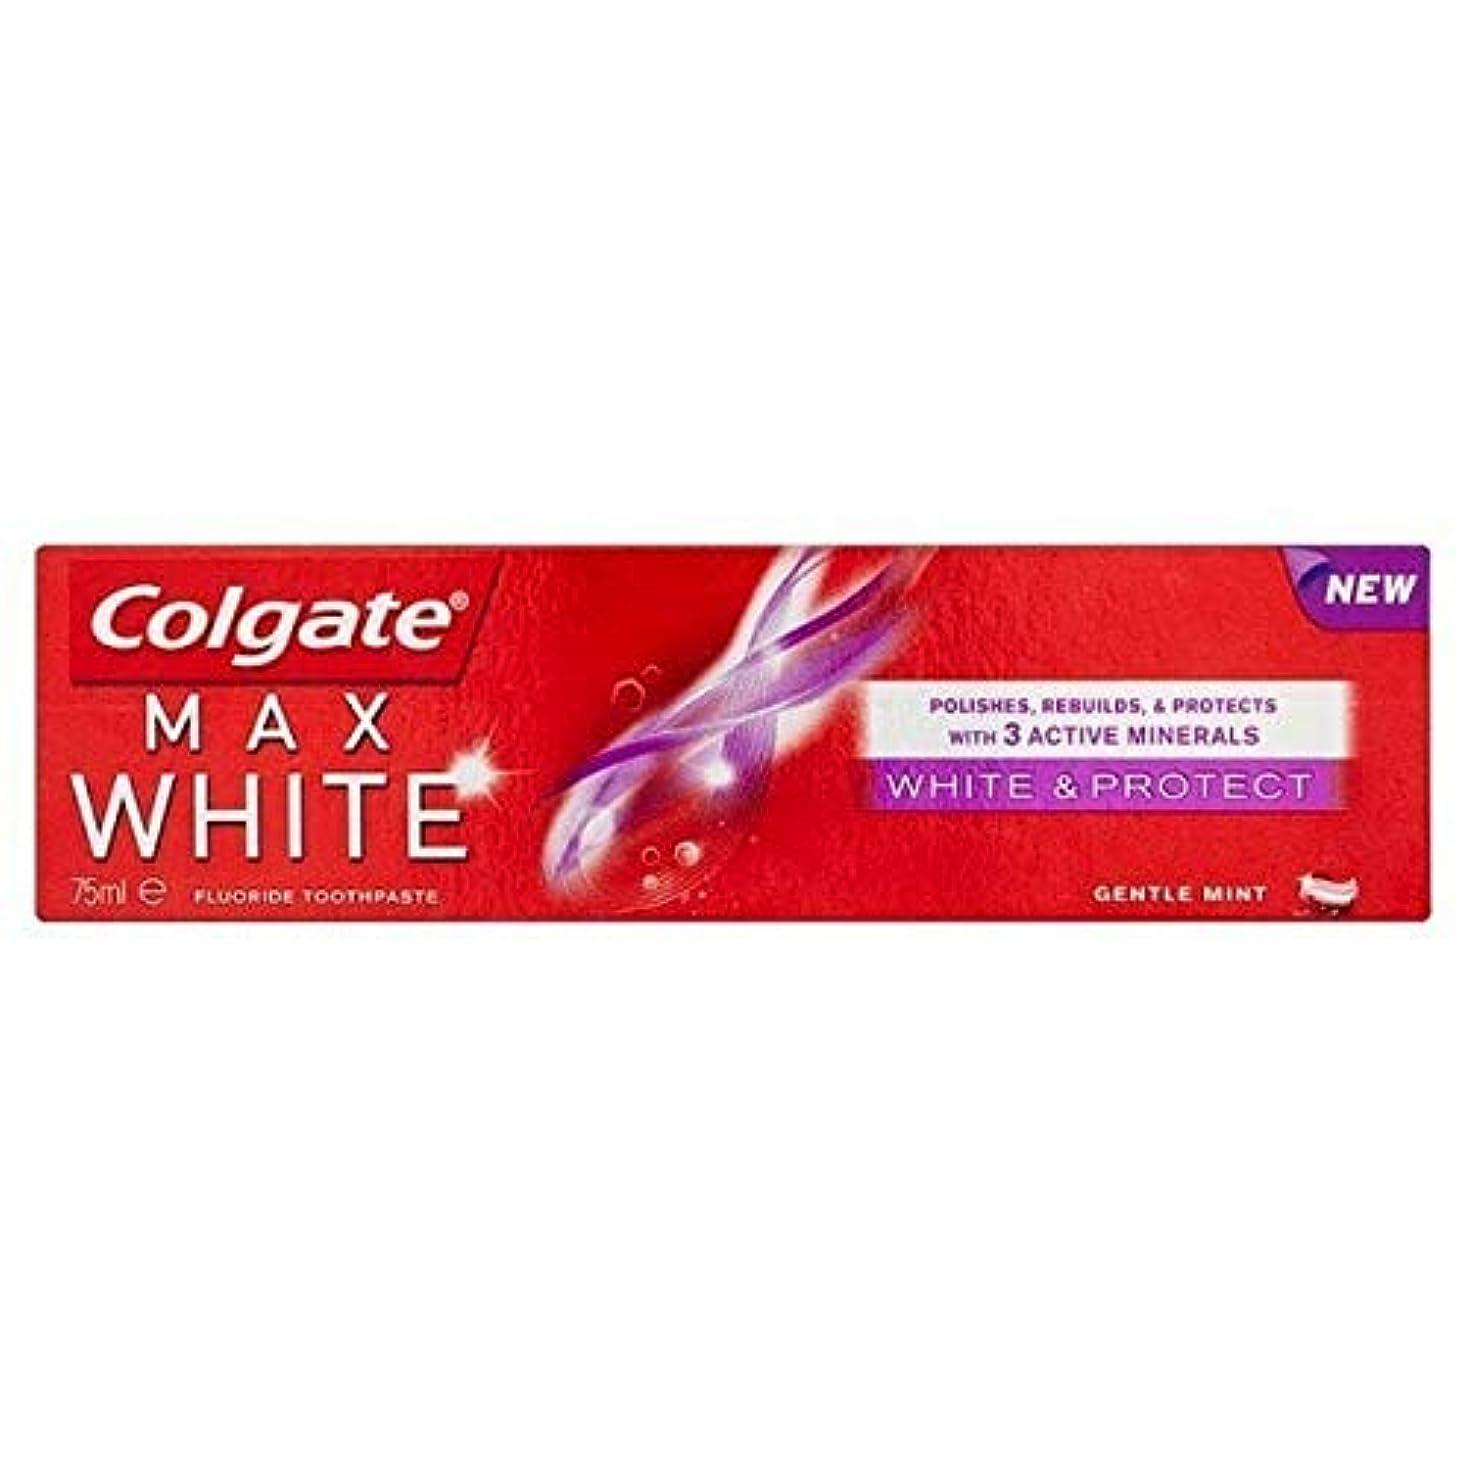 申し込むフィヨルド艦隊[Colgate ] コルゲートマックスホワイトホワイトニング&歯磨き粉75ミリリットルを保護 - Colgate Max White Whitening & Protect Toothpaste 75ml [並行輸入品]